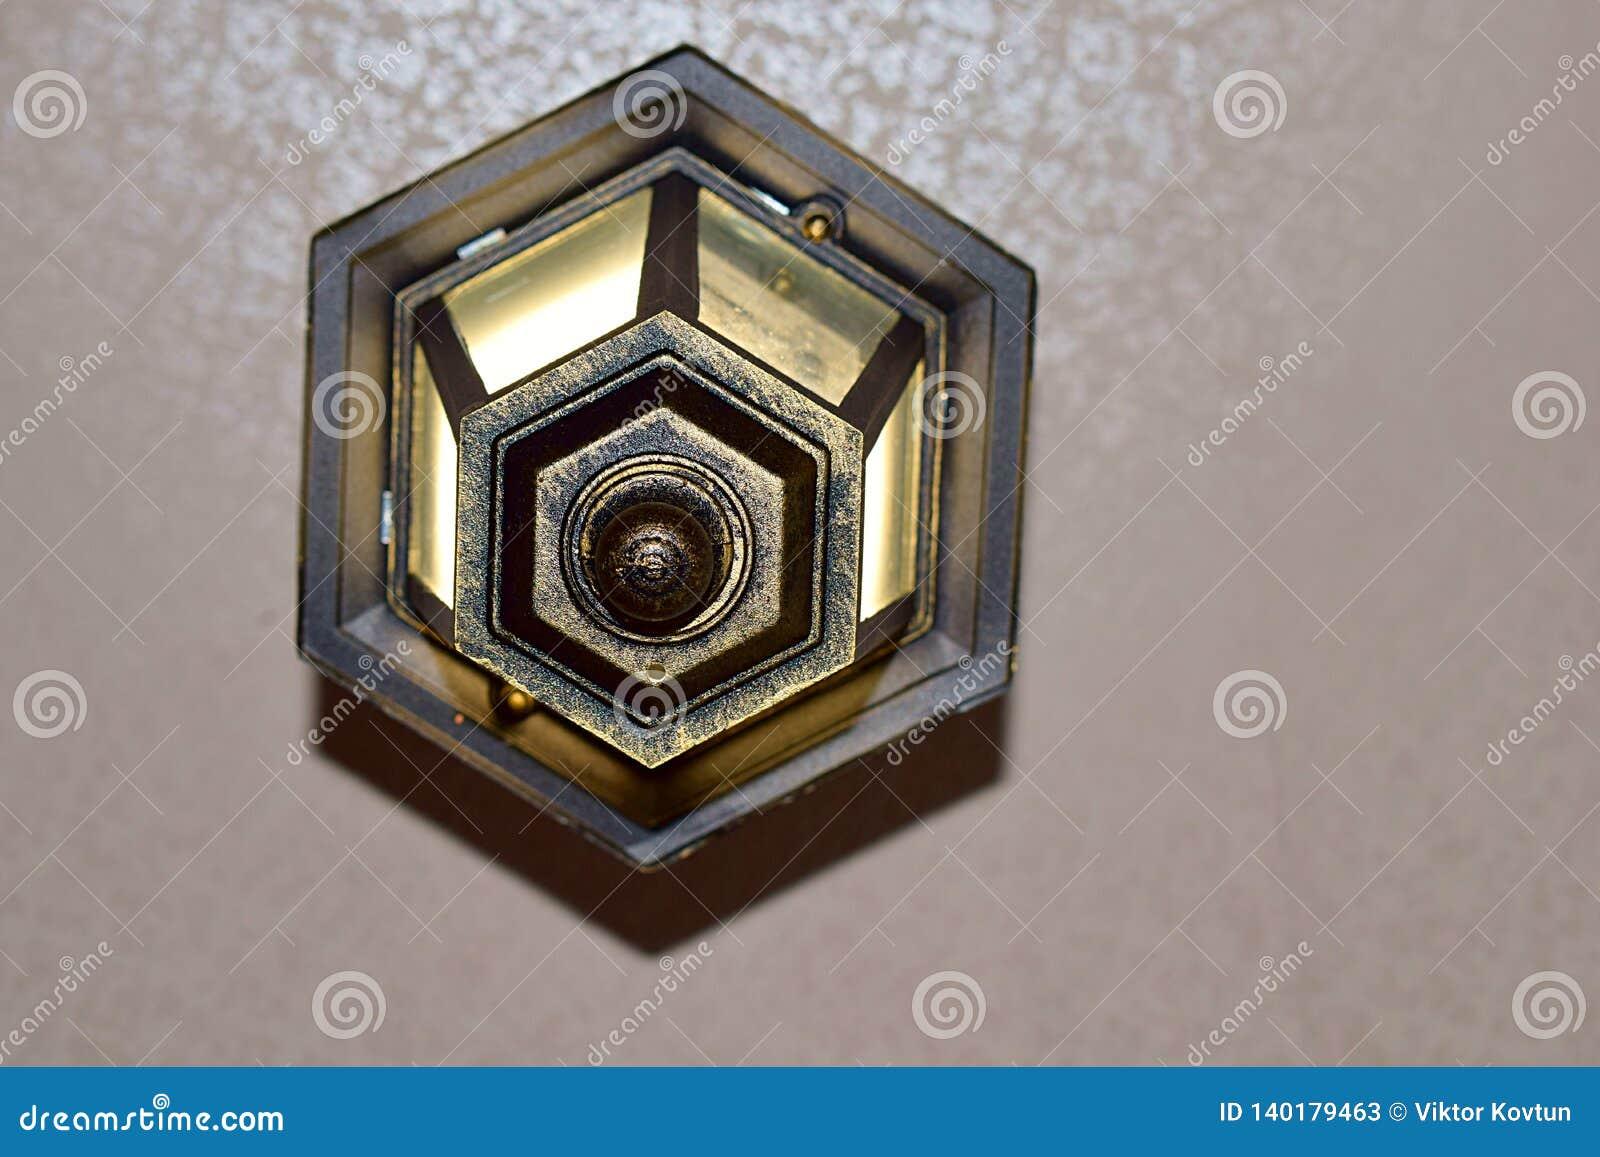 Lâmpada no teto com alargamentos claros